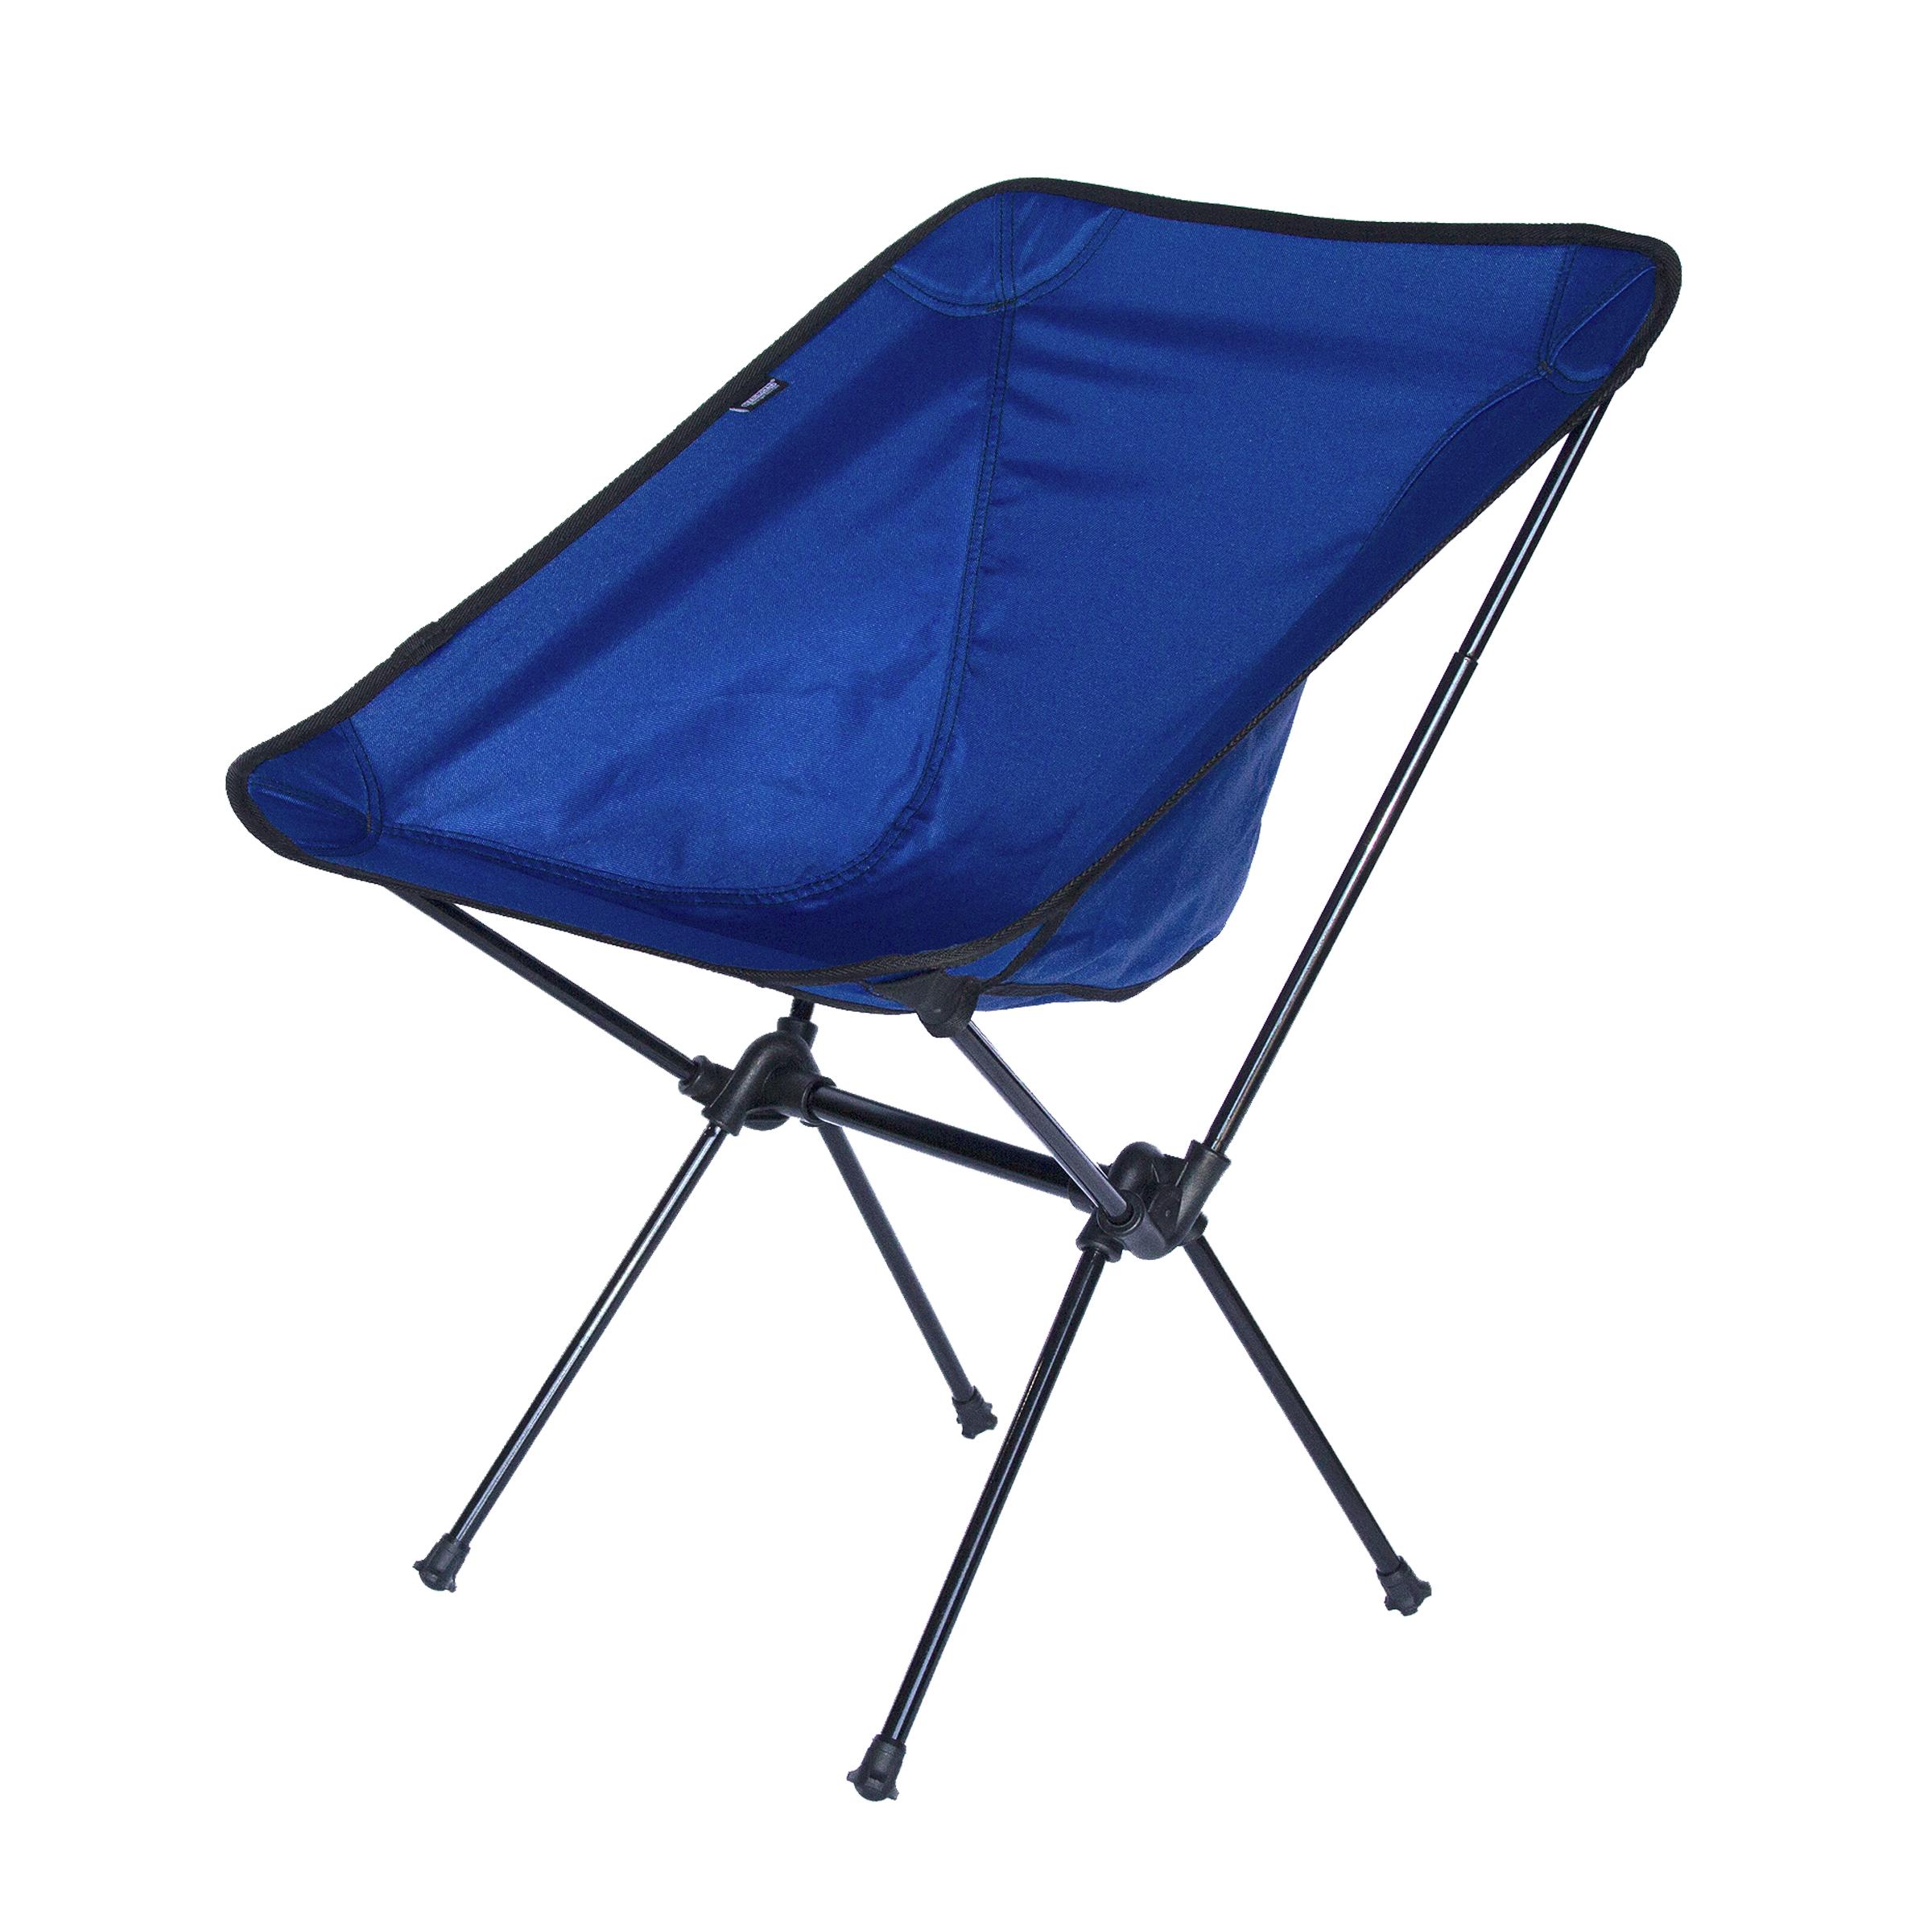 Chair C Series Joey Chair Blue